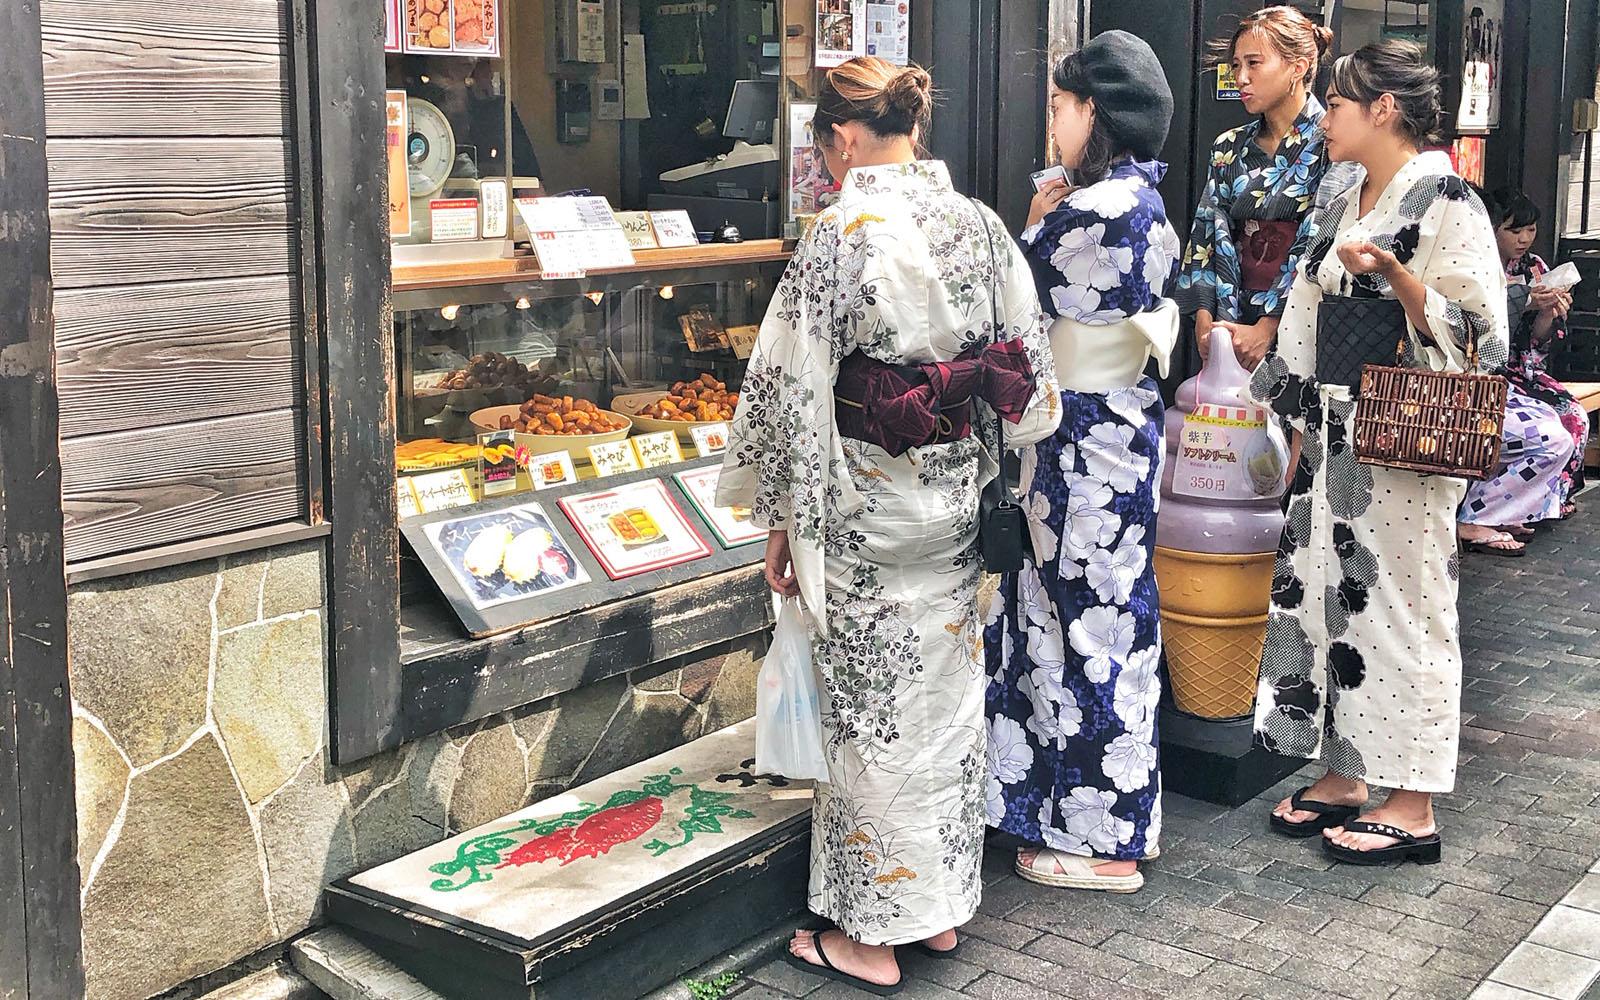 Alcune amiche in kimono intente a scegliere un gelato ad Asakusa.